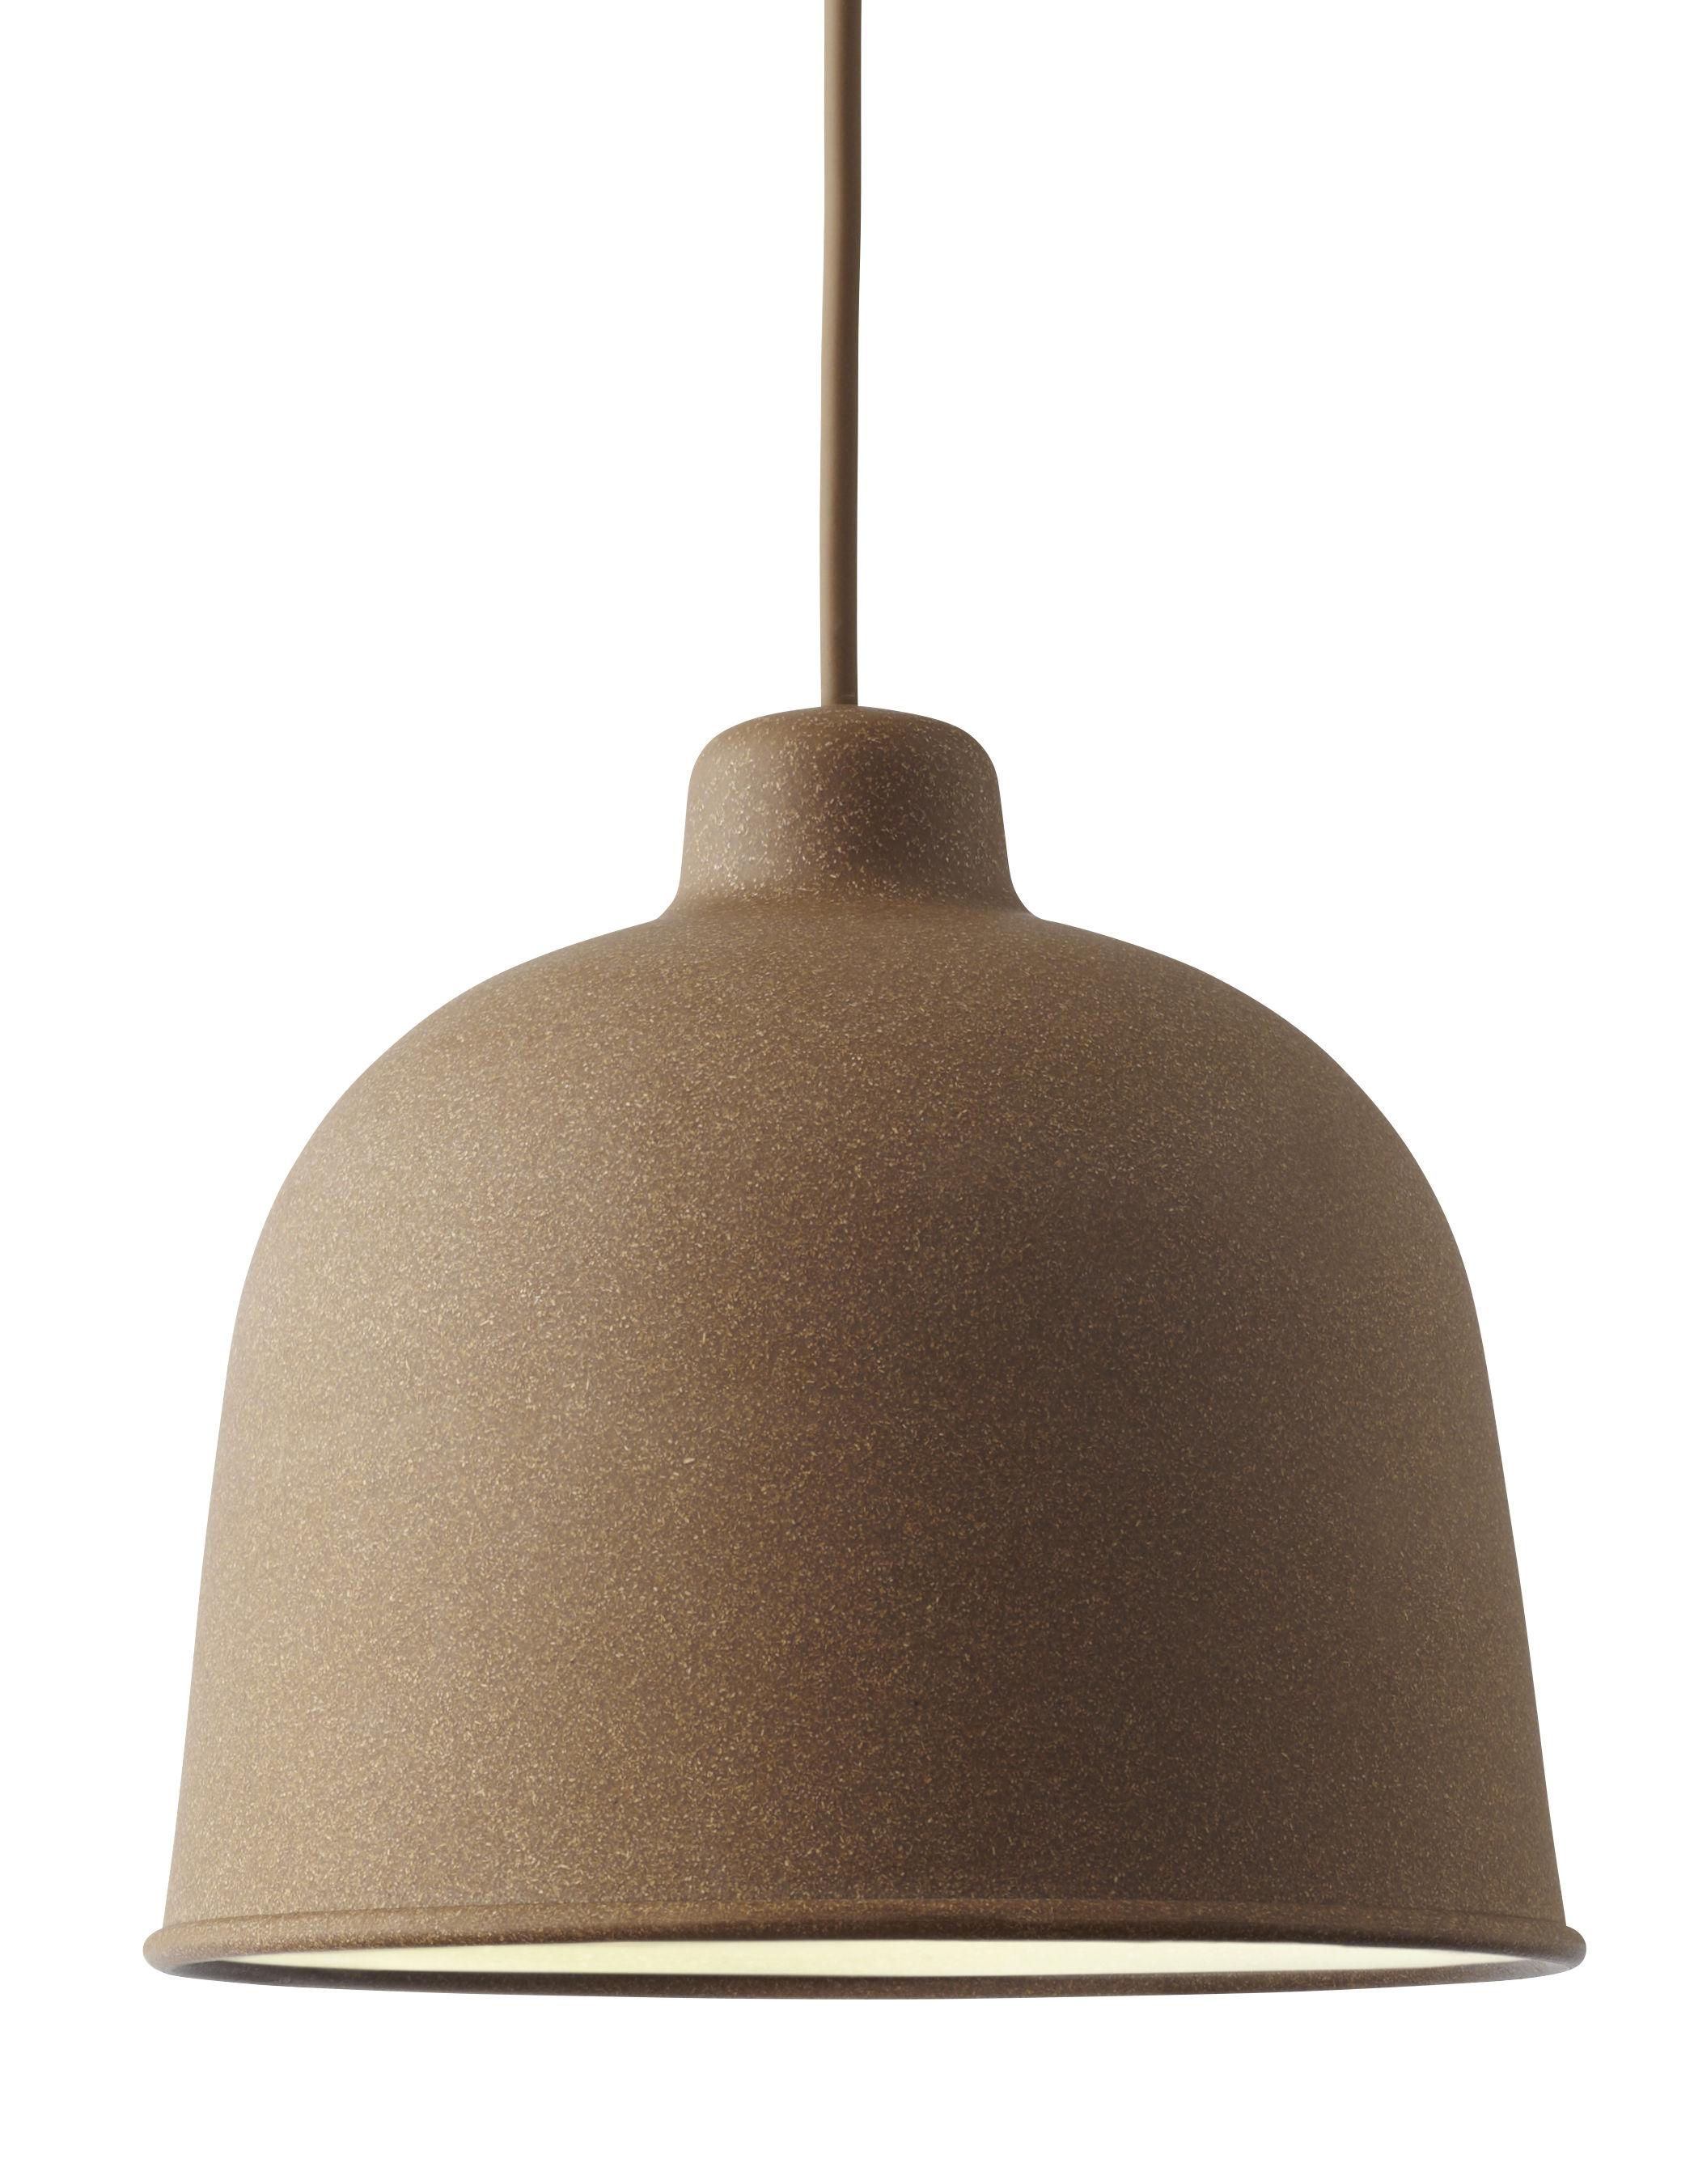 Luminaire - Suspensions - Suspension Grain / Ø 21 cm - Muuto - Naturel - Matériau composite